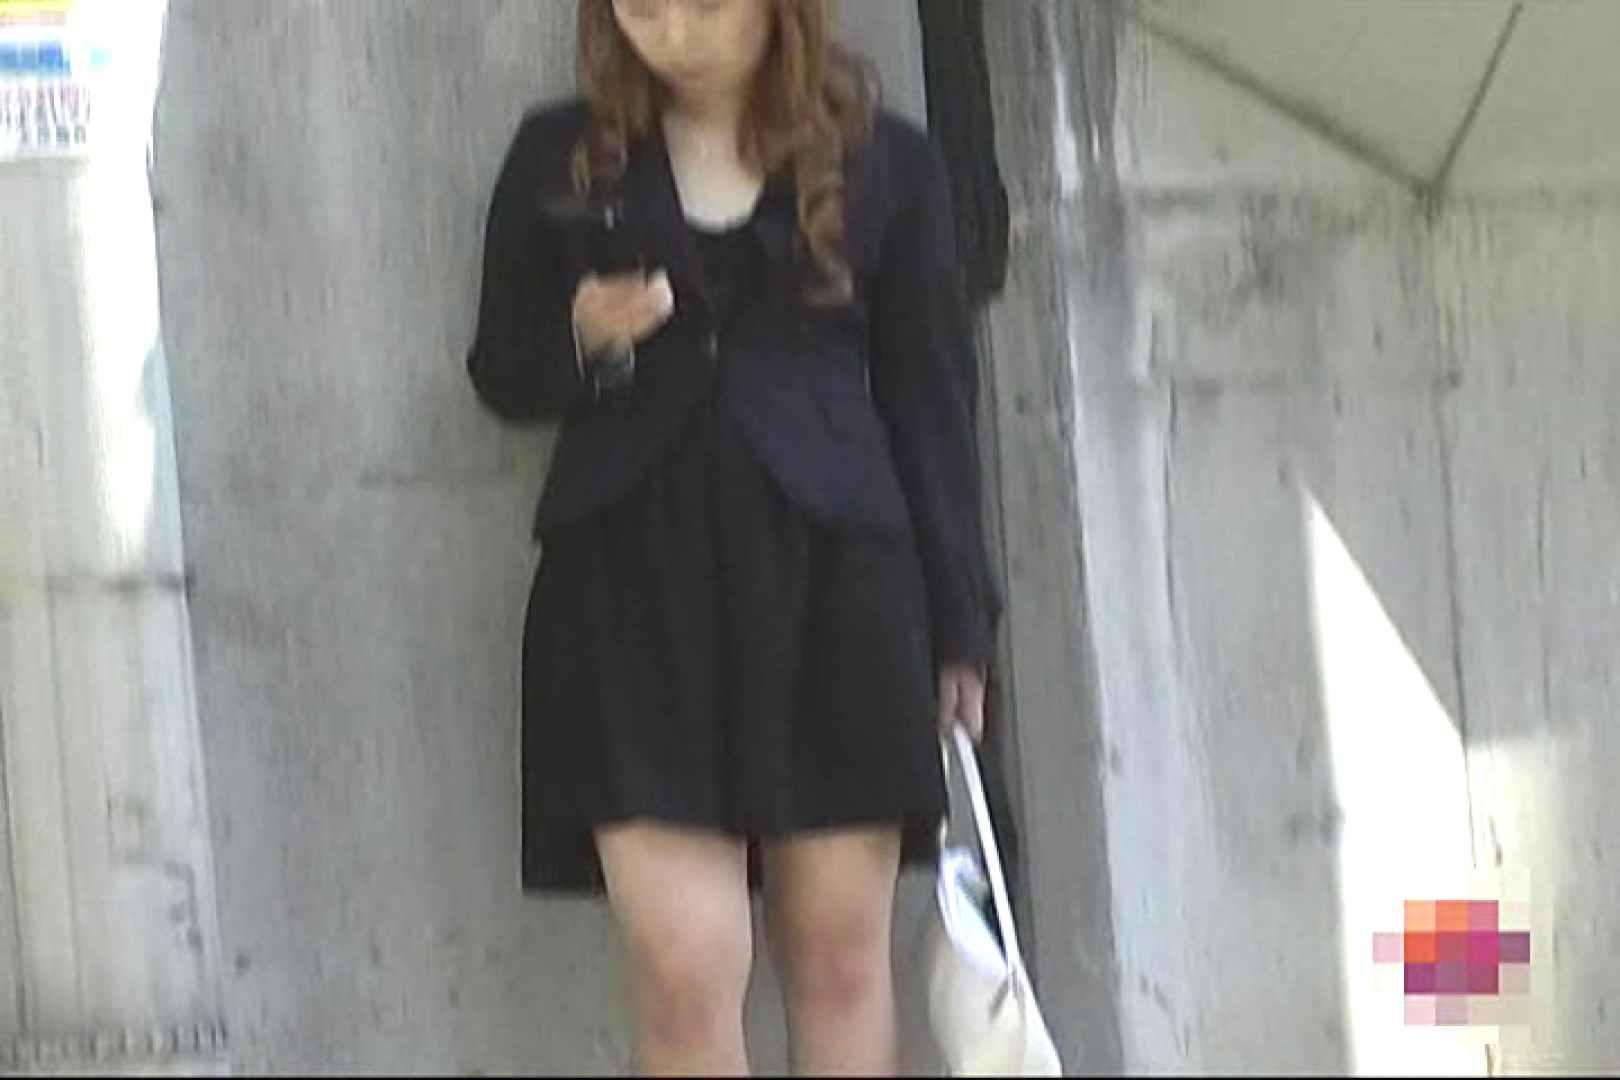 検証!隠し撮りスカートめくり!!Vol.5 0  88pic 78